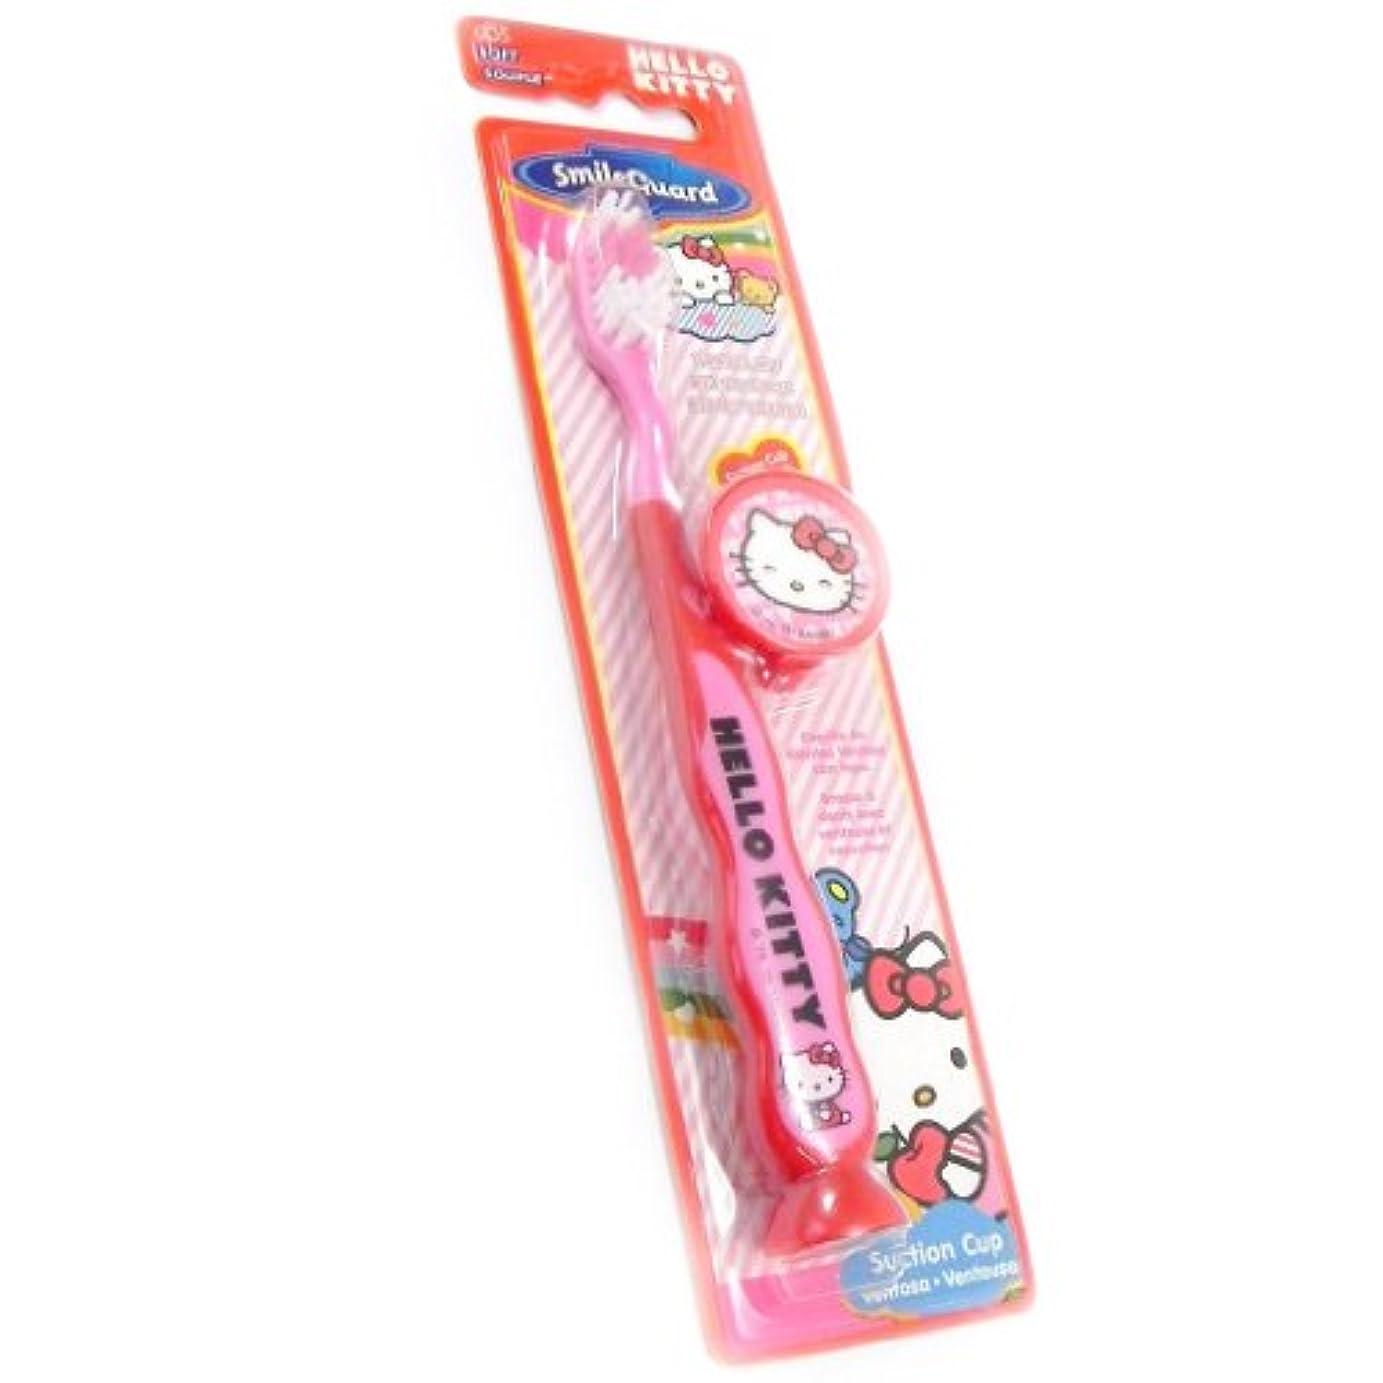 既に経験者買い物に行く[ハローキティ (Hello Kitty)] (Hello Kitty コレクション) [I2026] 子ども用ハブラシ レッド